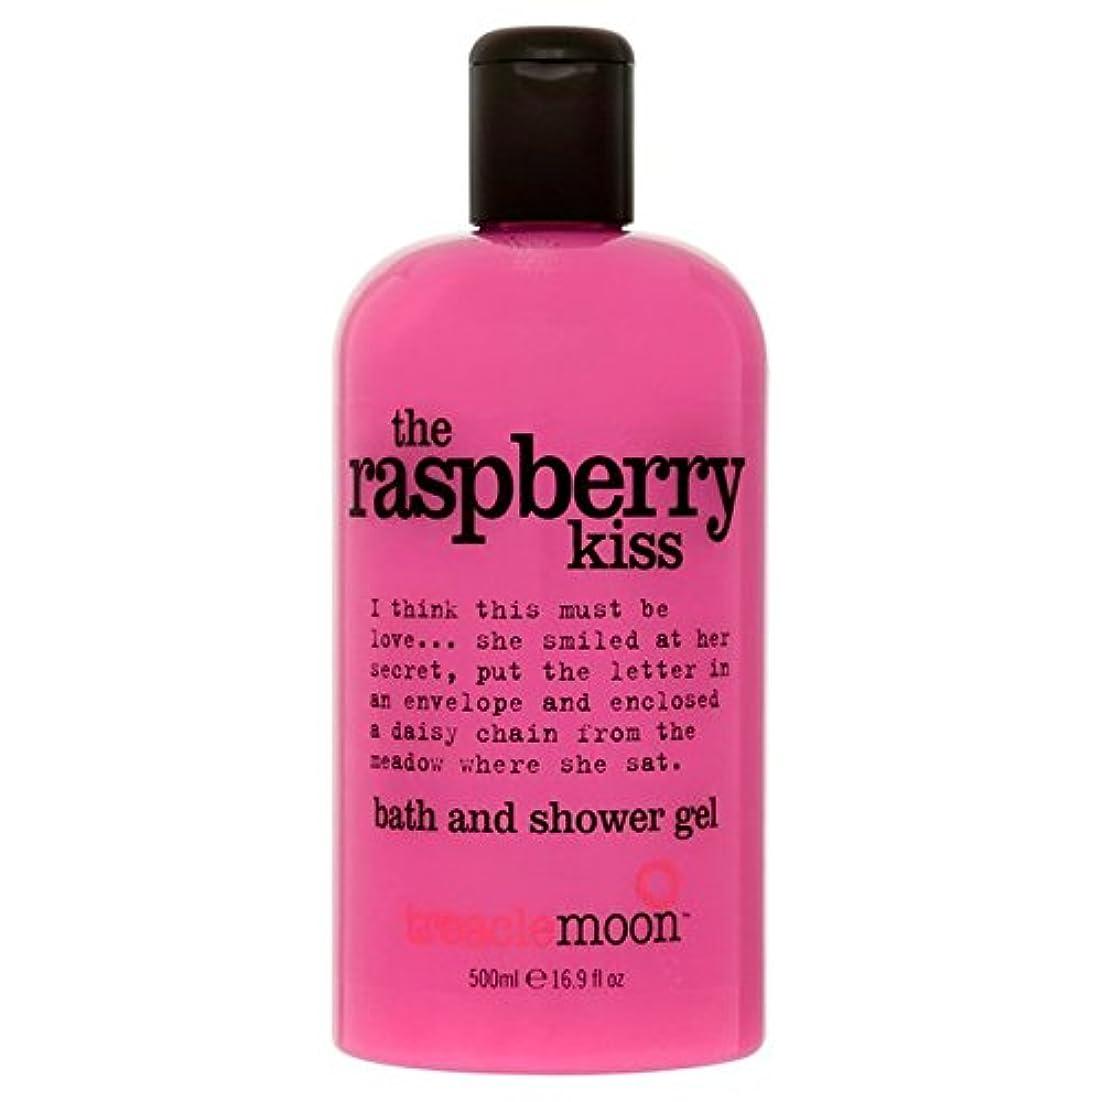 思い出保存する縞模様の糖蜜ムーンラズベリーバス&シャワージェル500ミリリットル x2 - Treacle Moon Raspberry Bath & Shower Gel 500ml (Pack of 2) [並行輸入品]